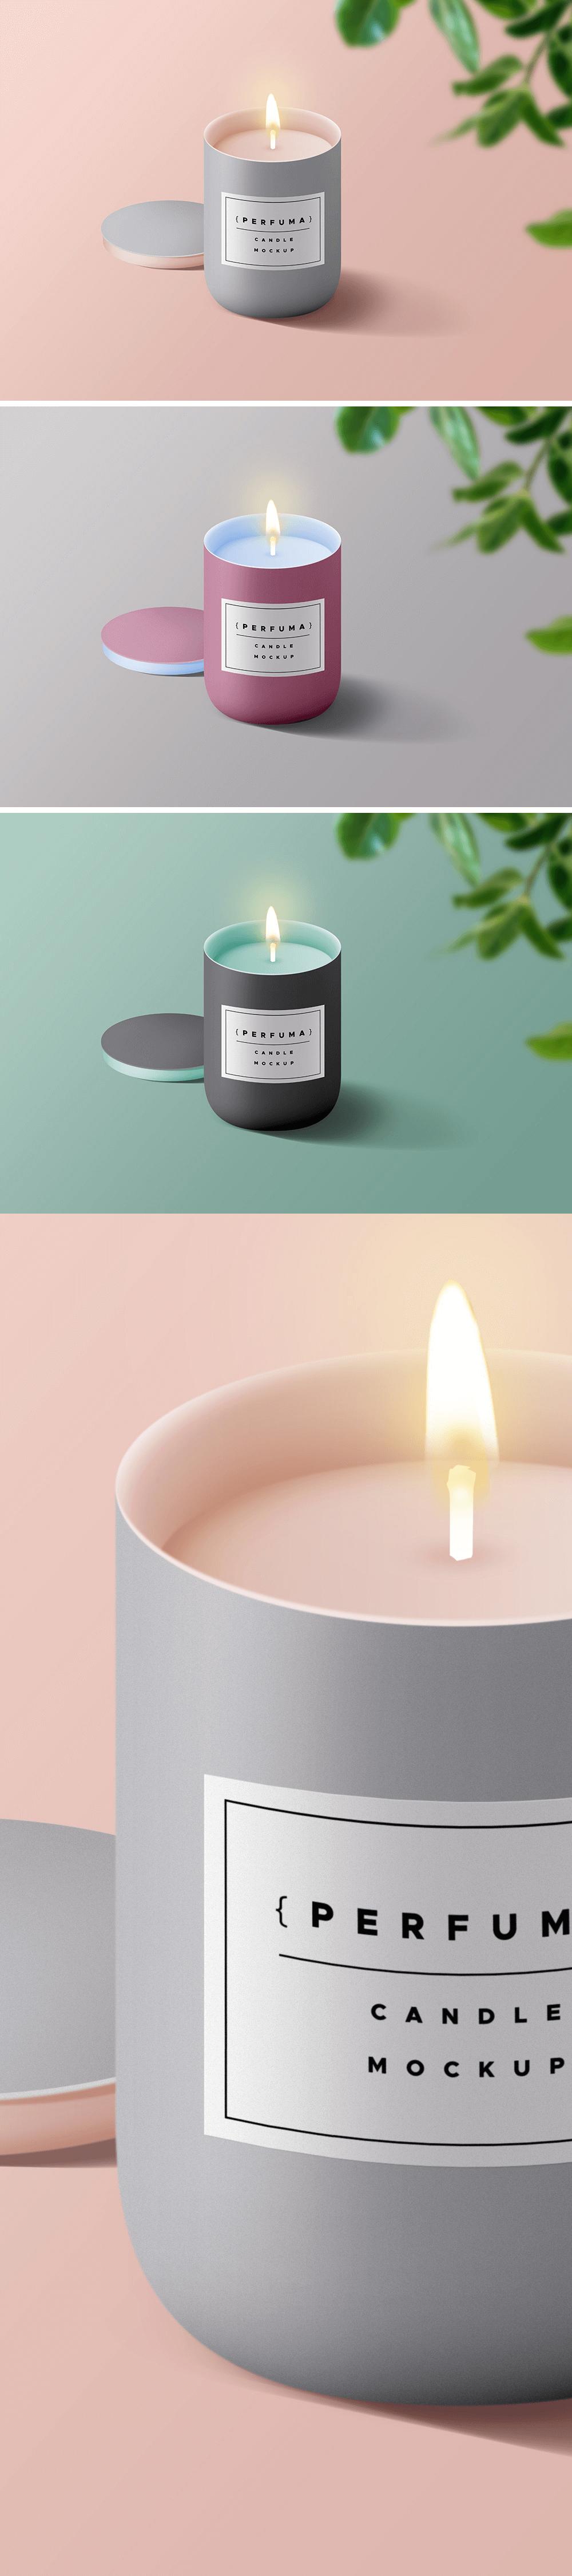 Мокап свечи с логотипом (макет свечи). branded psd candle mockup